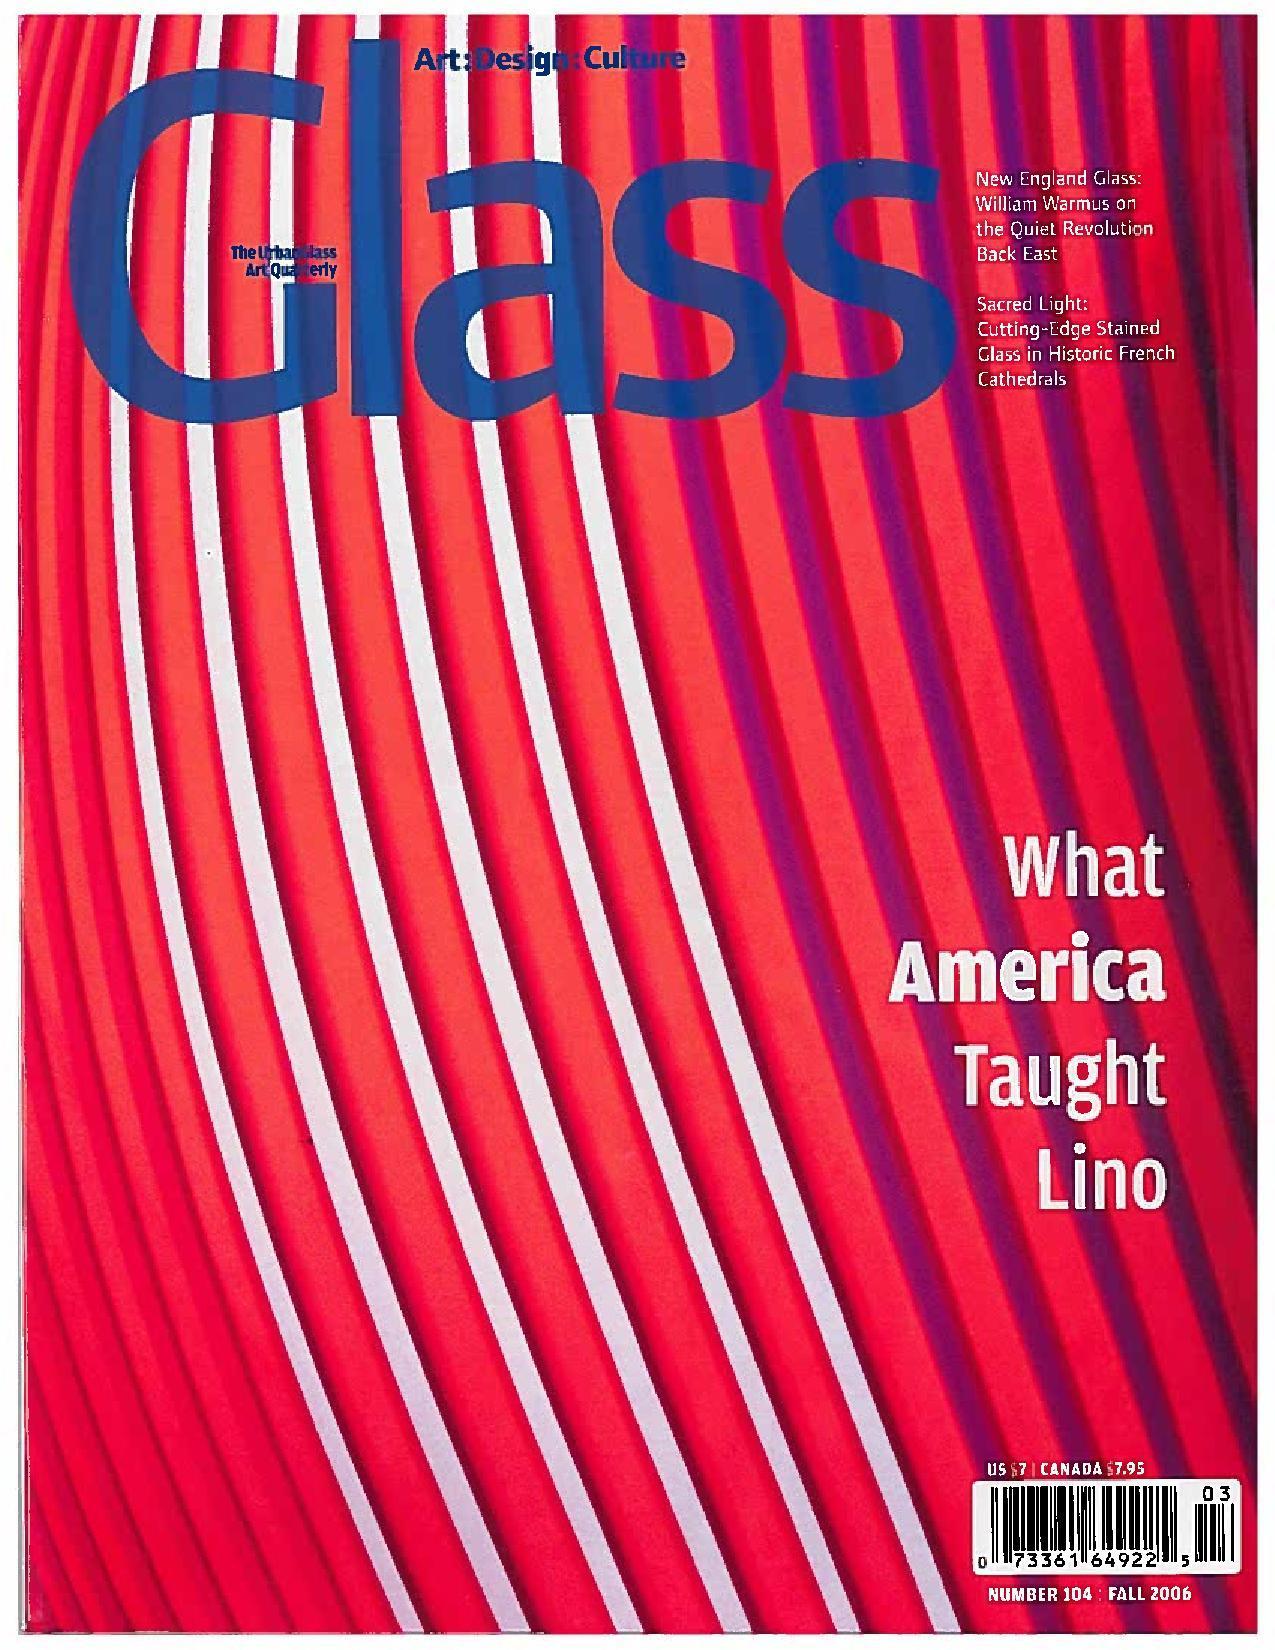 Glass 103